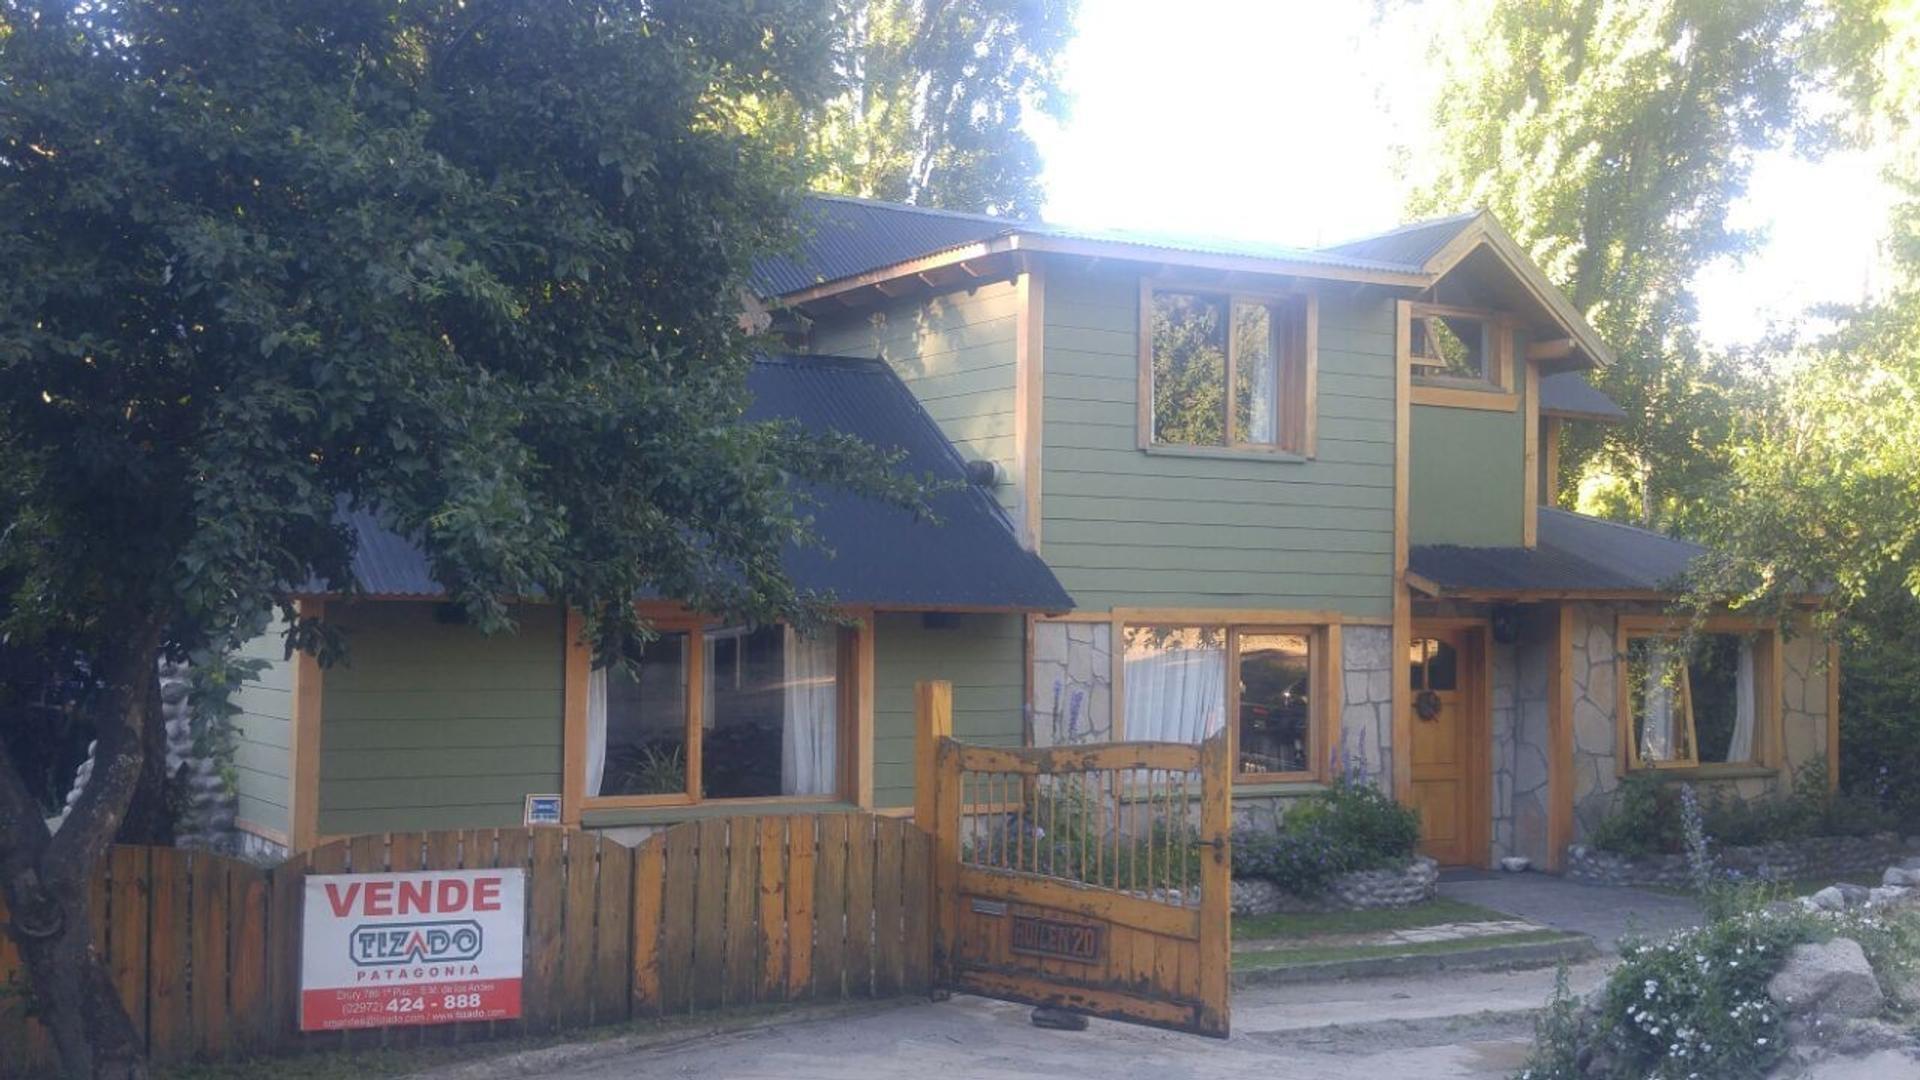 Casa  en Venta ubicado en Bickel, San Martin de los Andes - SMA1165_LP122954_1